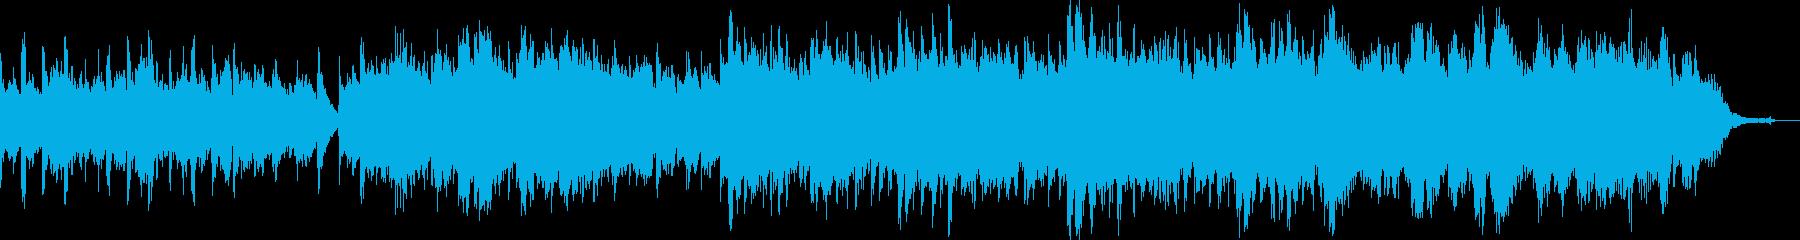 現代の交響曲 広い 壮大 あたたか...の再生済みの波形